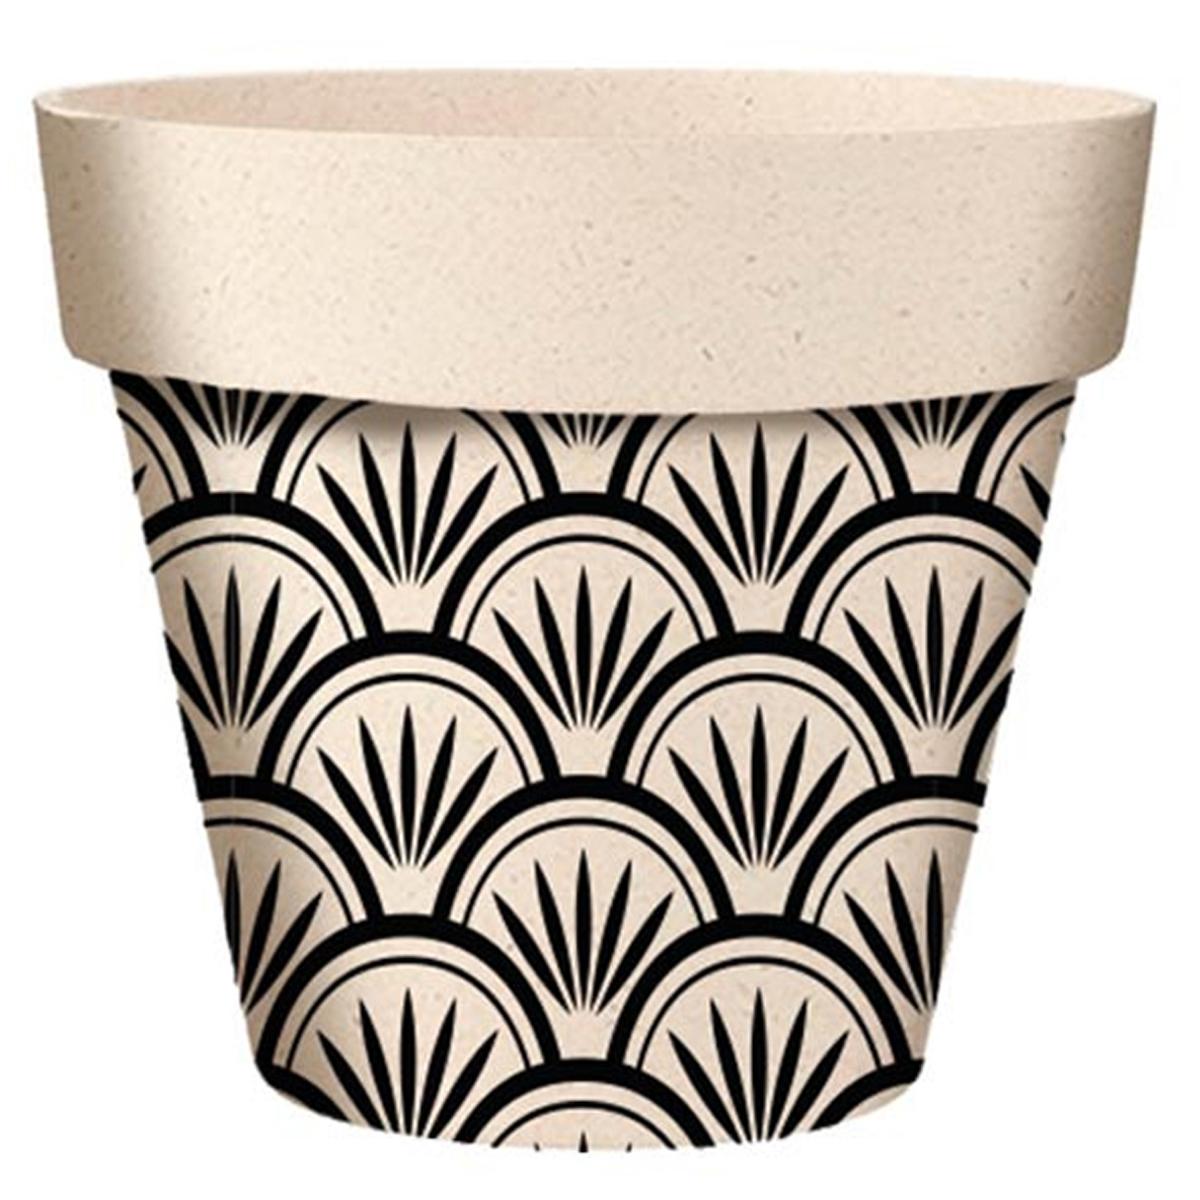 Cache-pot bambou \'Boho\' noir beige -  7x6 cm - [A2069]